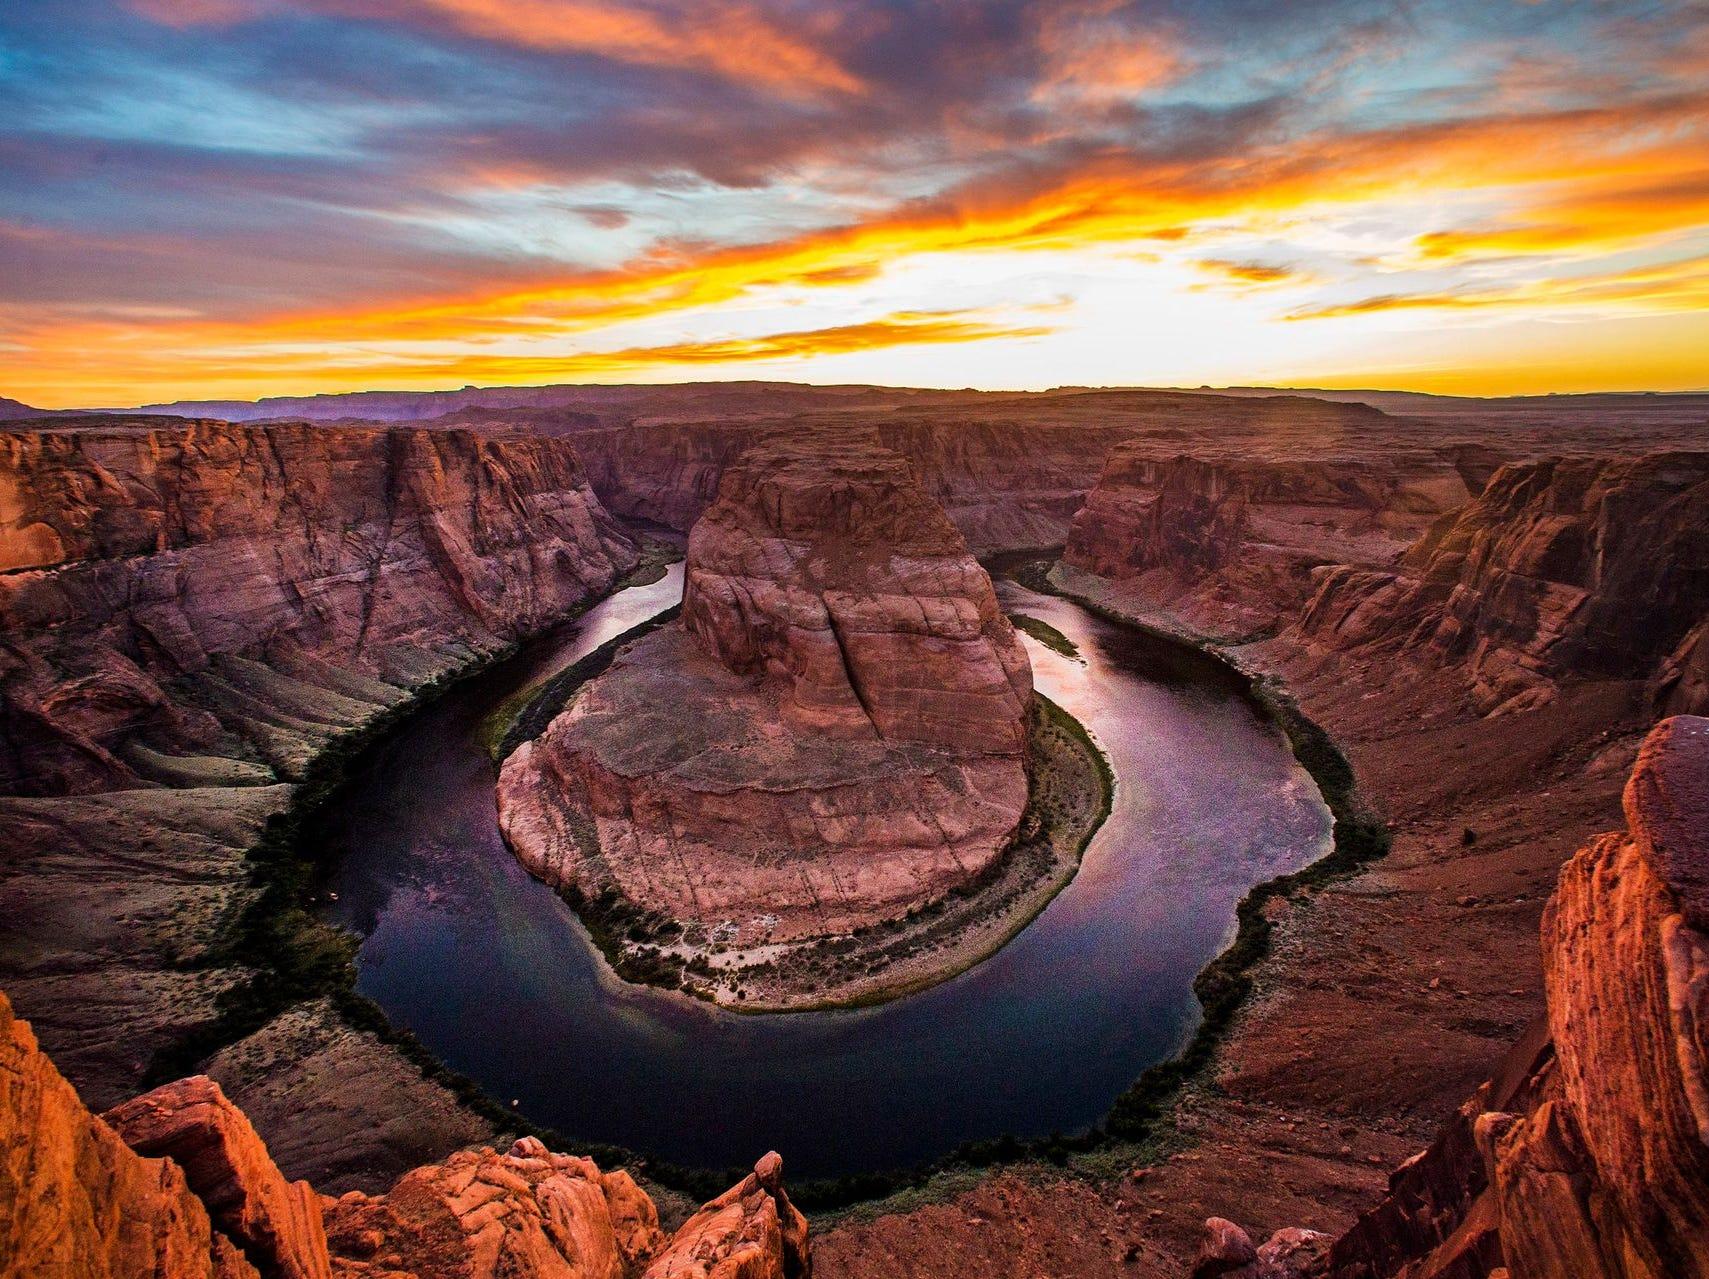 El sol se pone sobre el río Colorado en Horseshoe Bend en el área recreativa nacional de Glen Canyon, cerca de Page, Arizona, 9 de mayo de 2018.